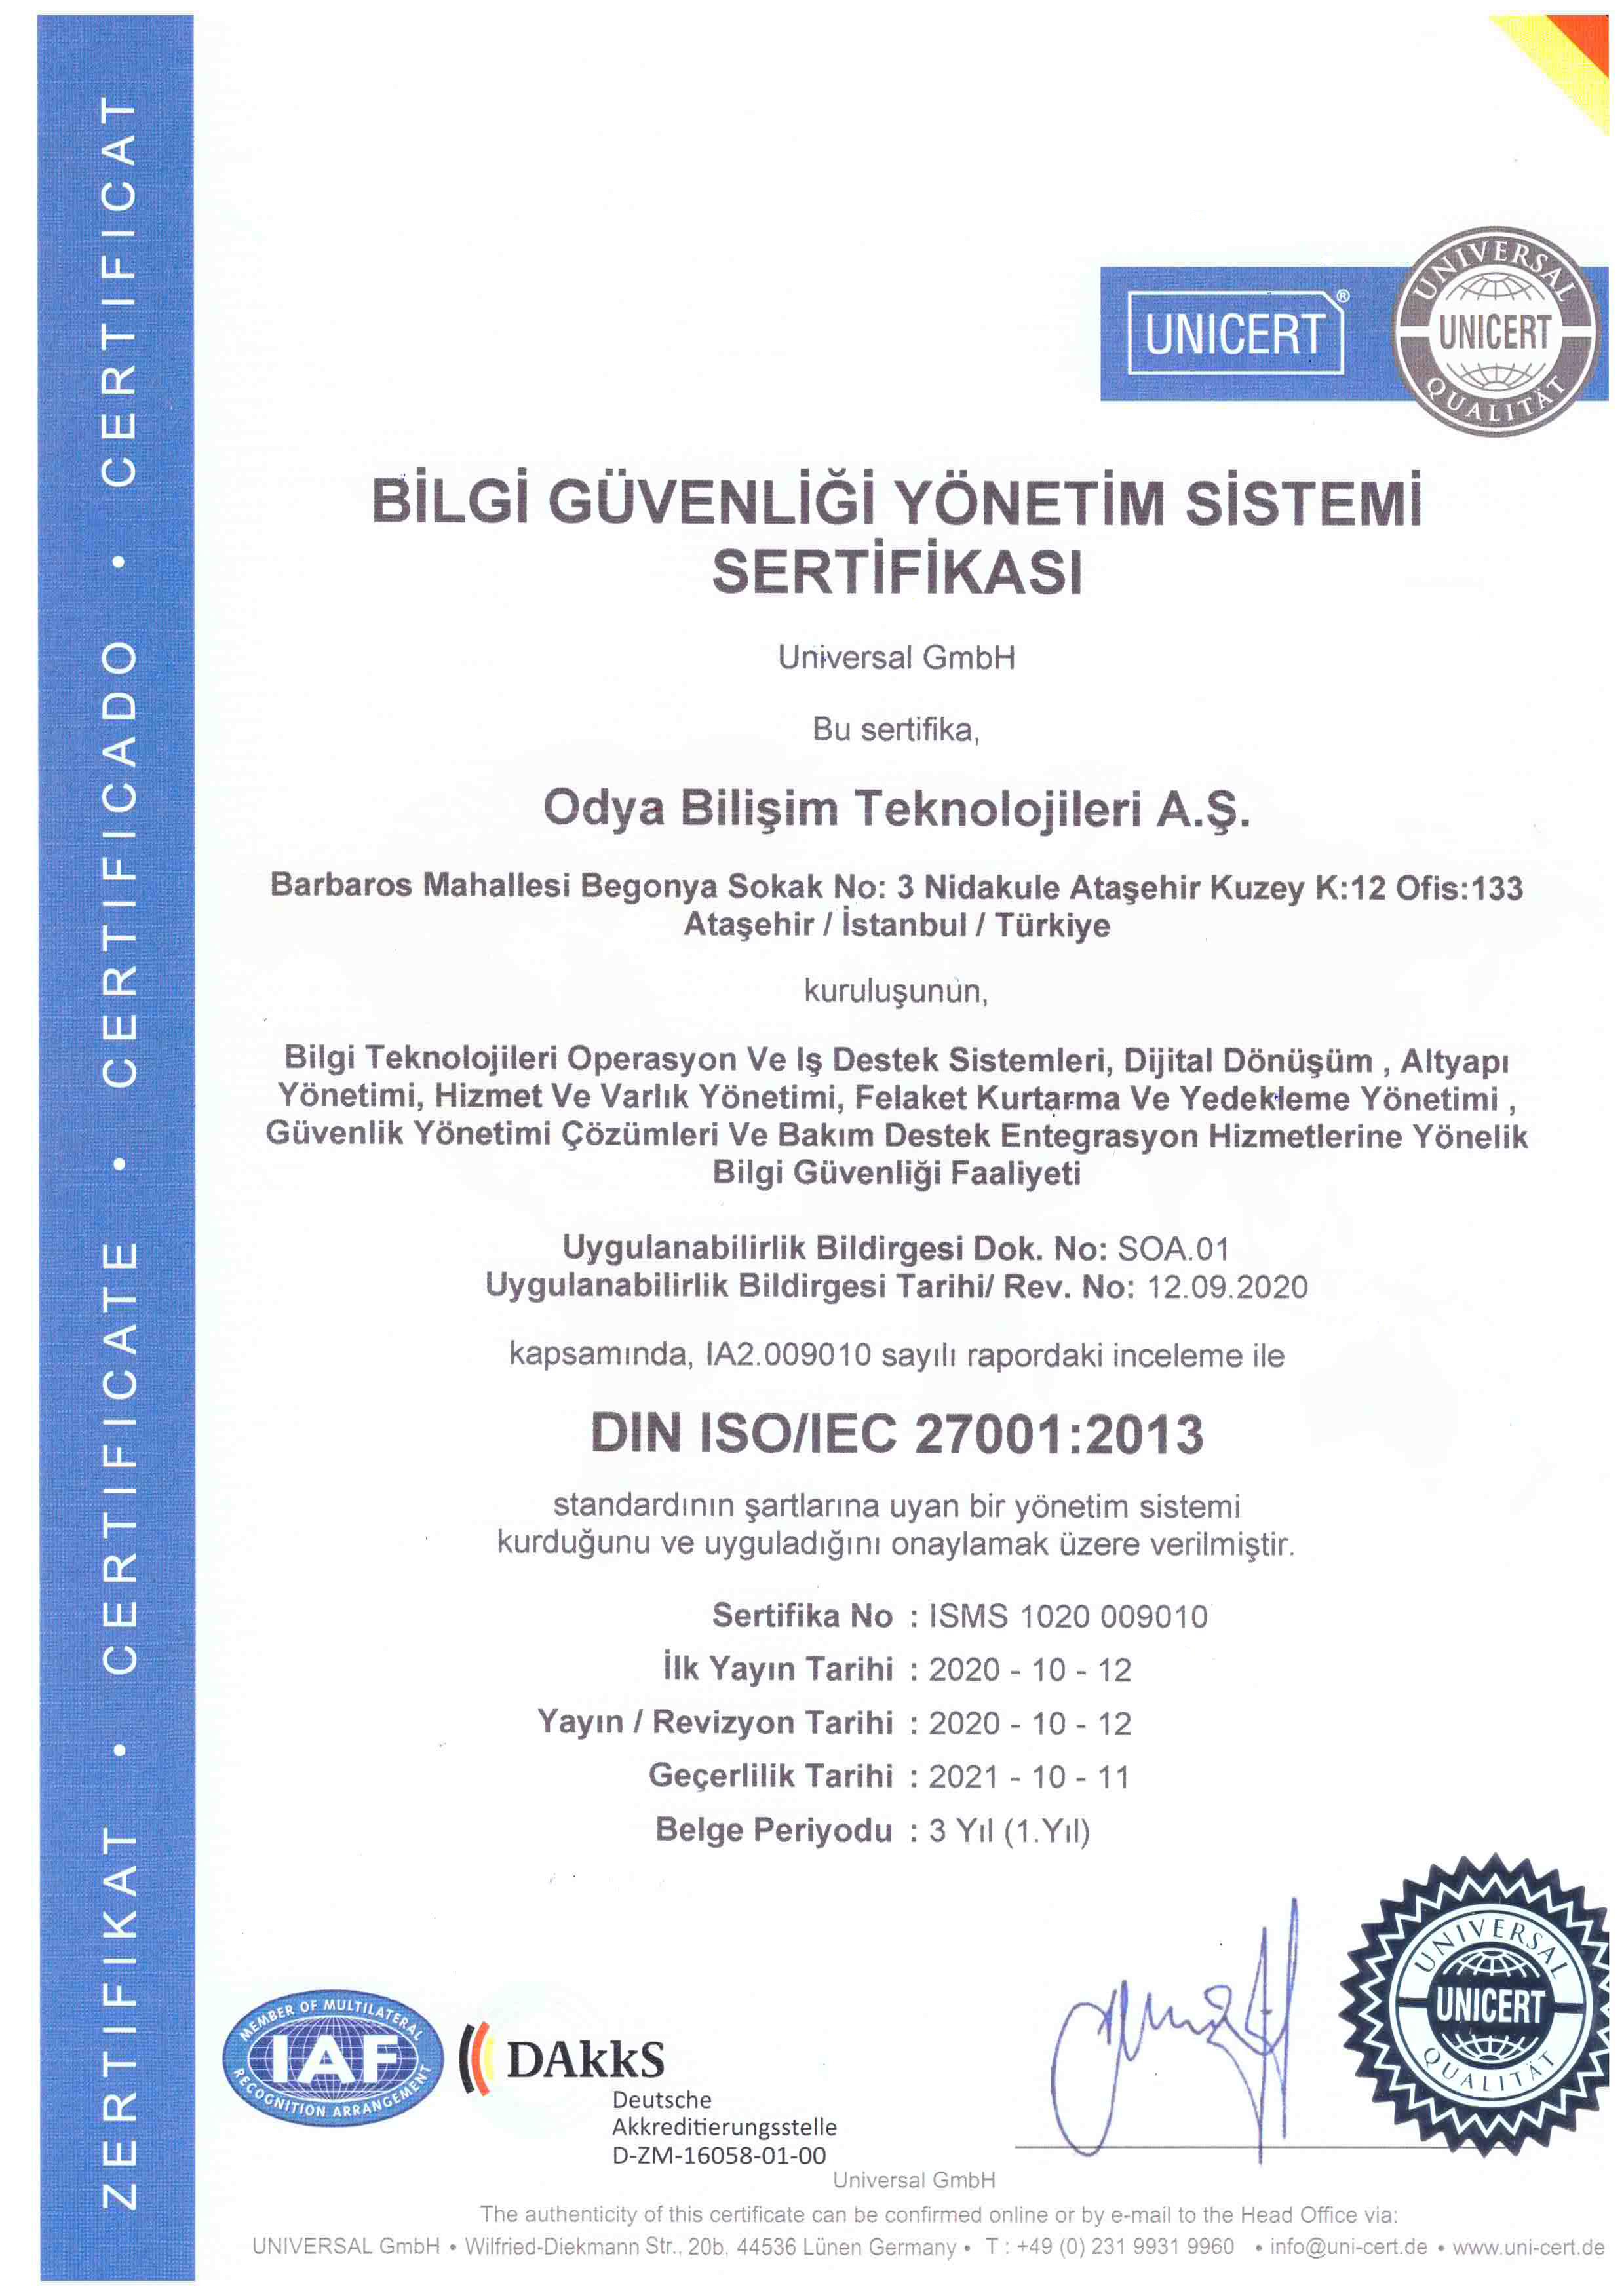 ISO 27001 Bilgi Güvenliği Sertifikası